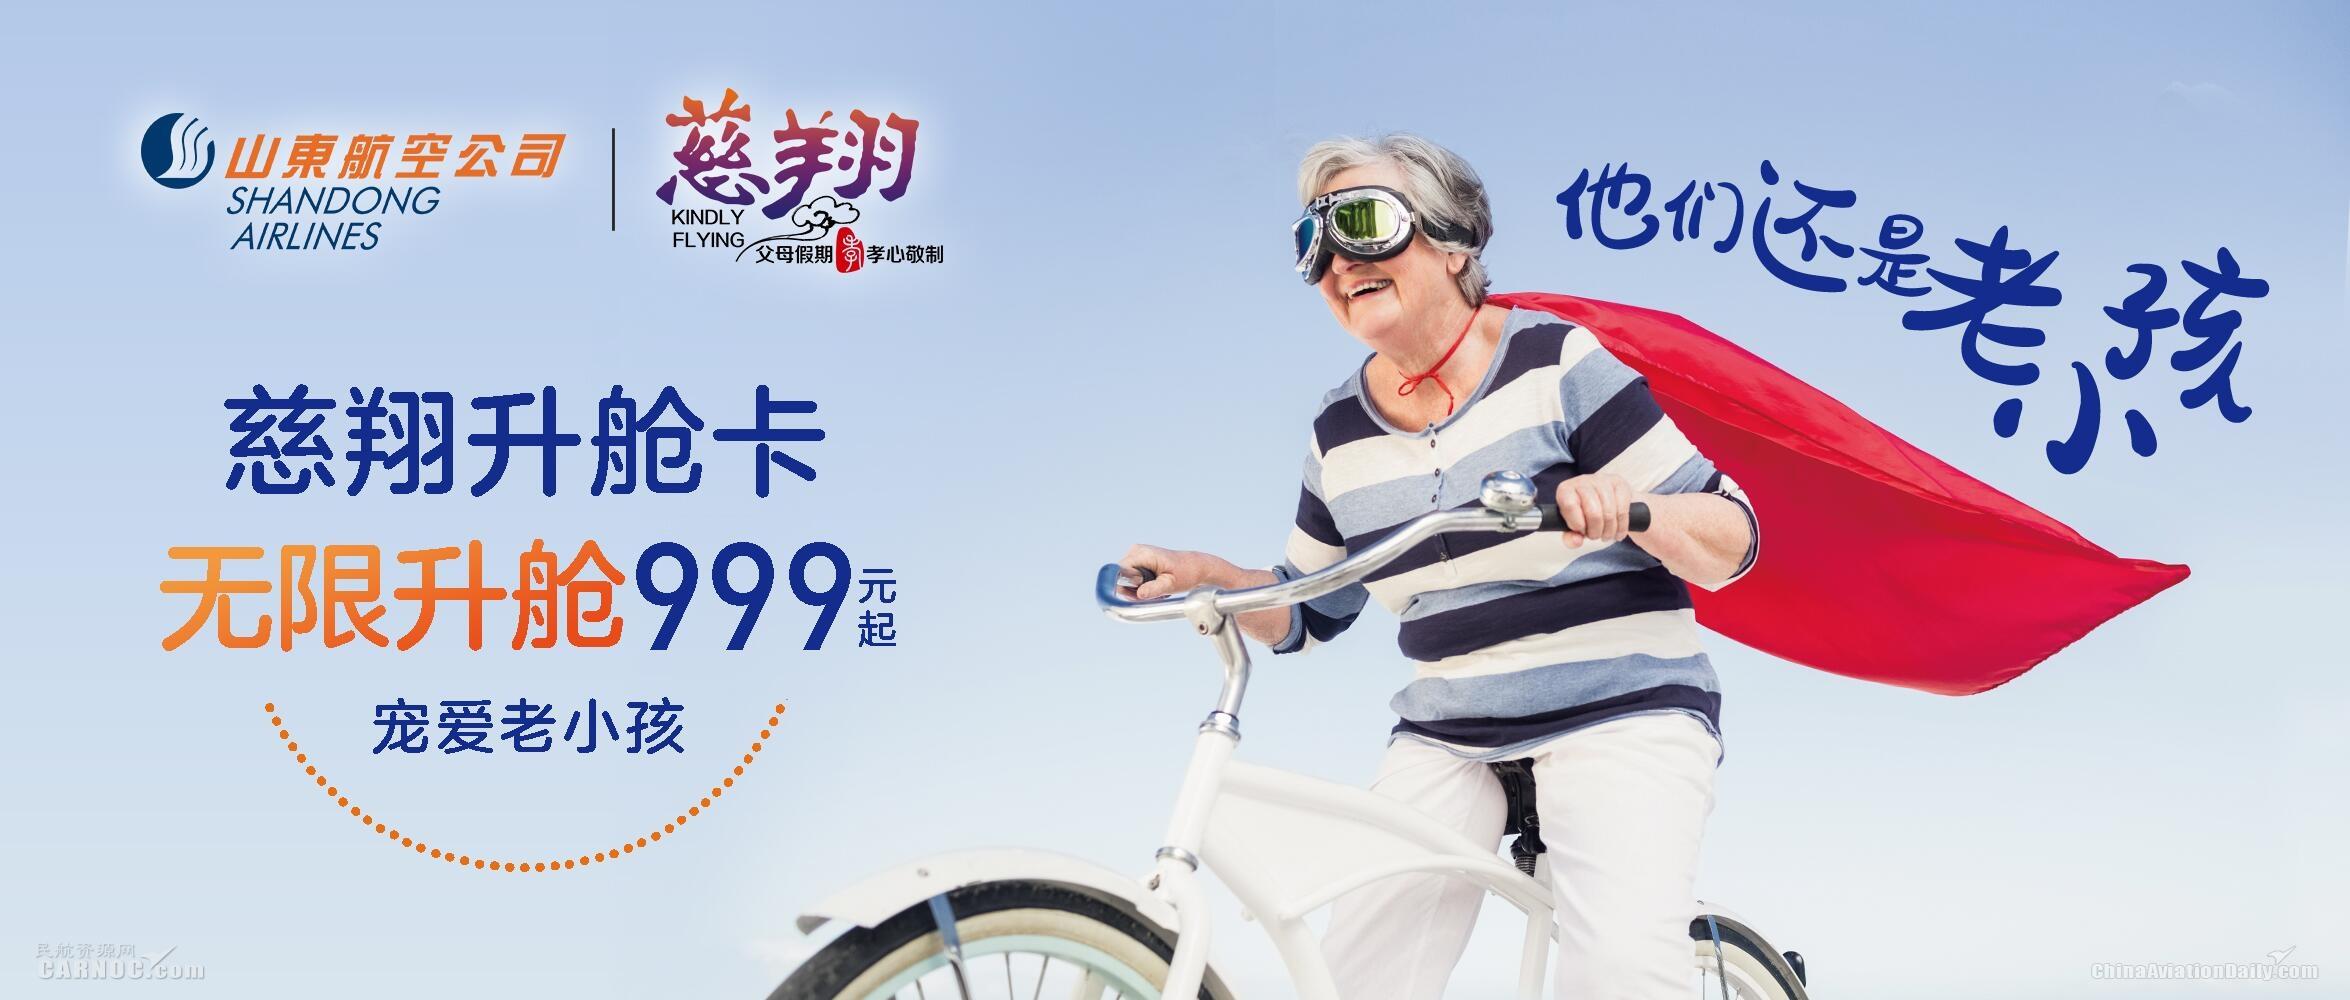 """山航推出999元""""慈翔""""公务舱升舱年卡 让爸妈爱上坐飞机"""